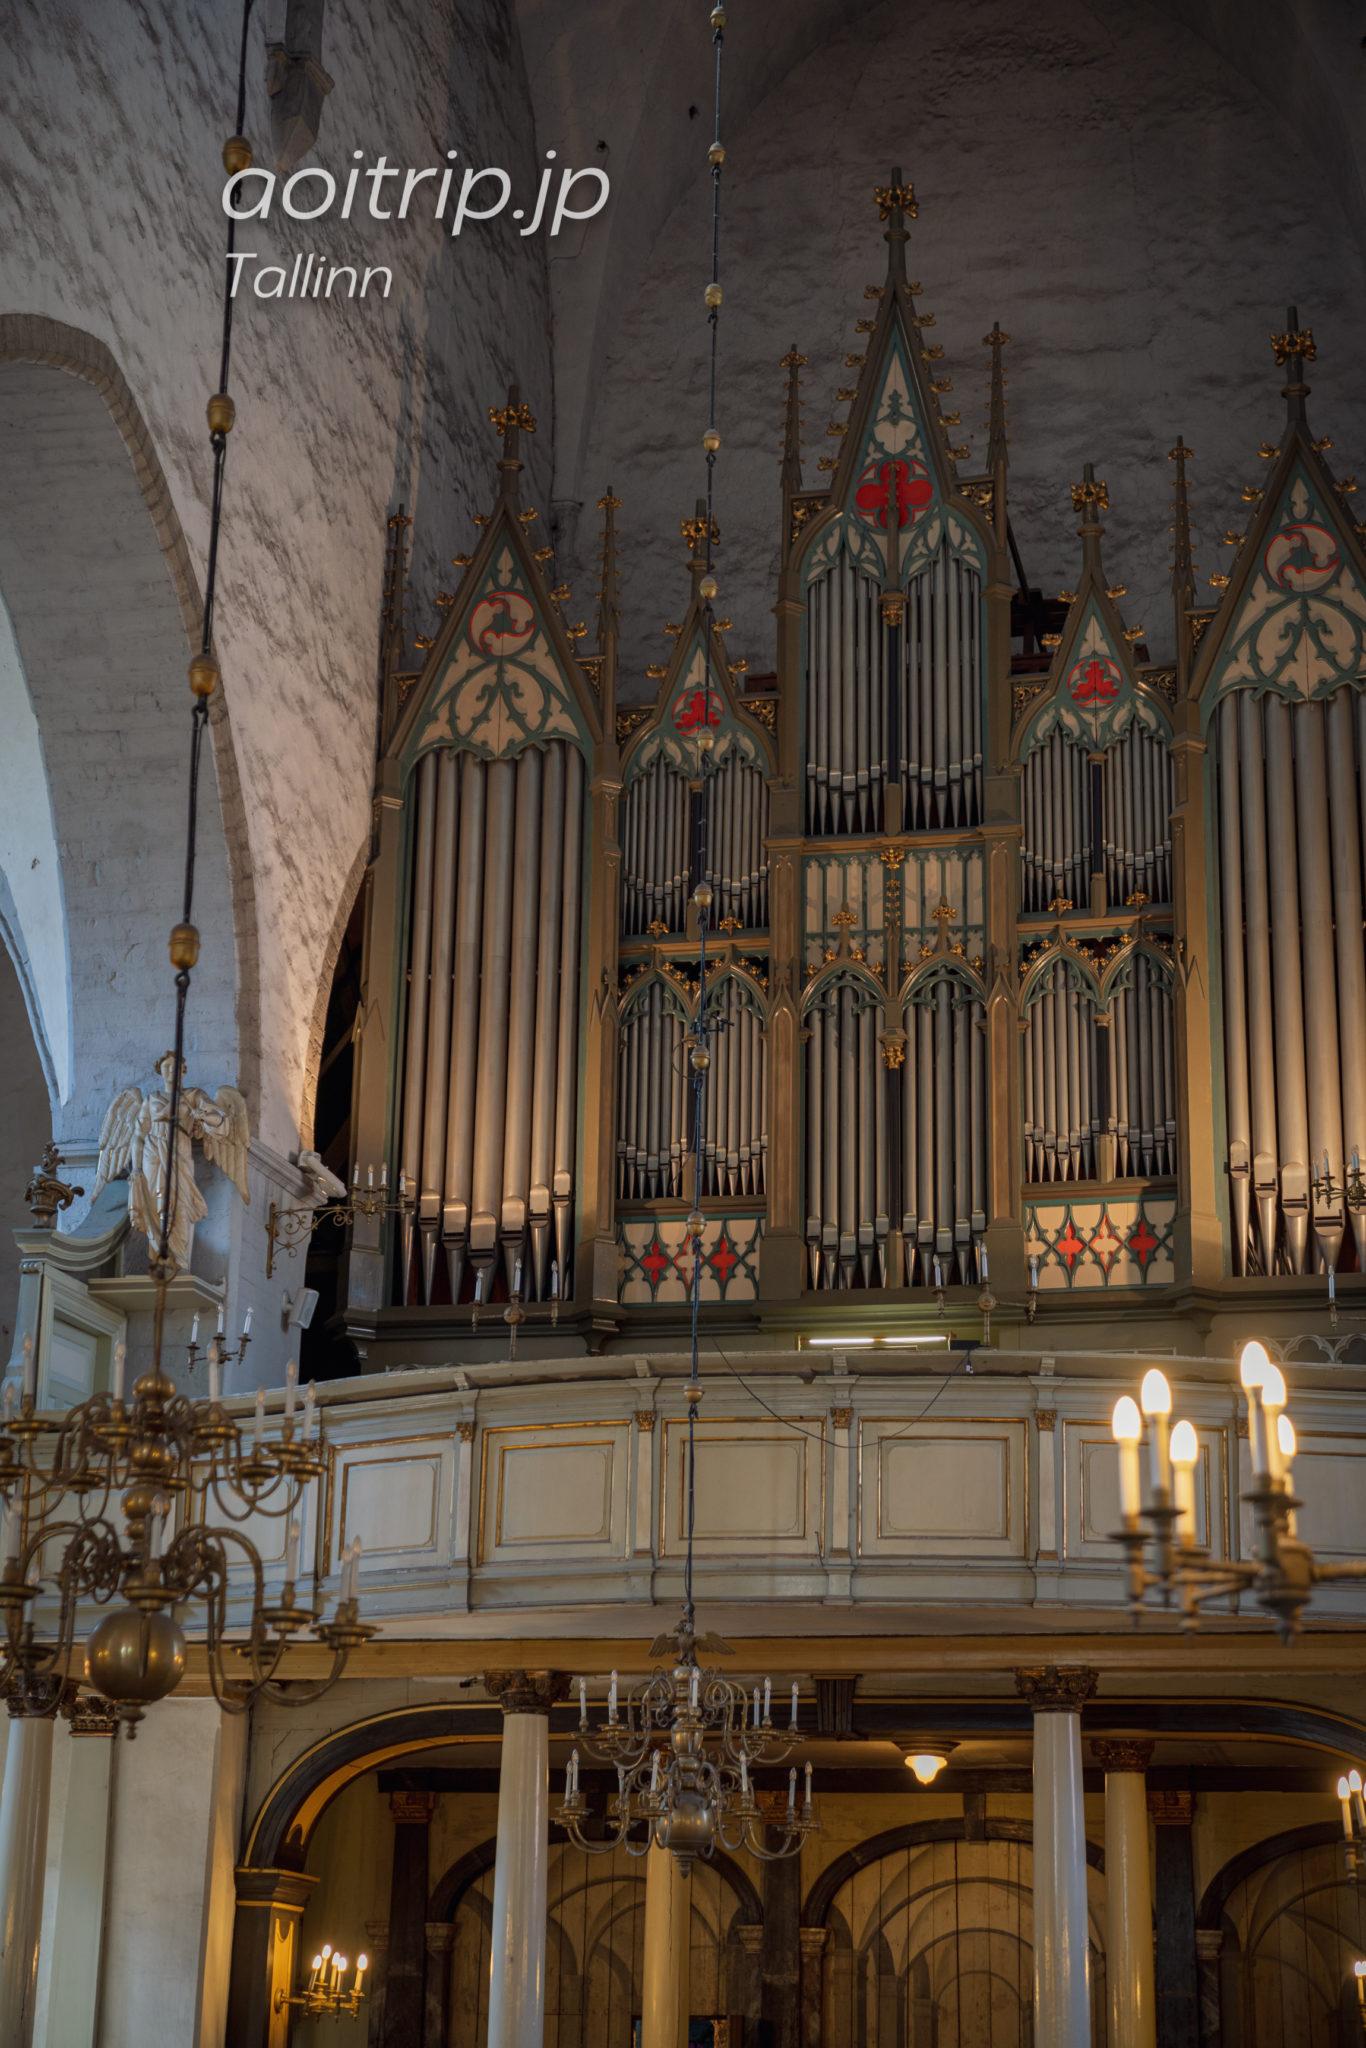 タリン聖母マリア大聖堂 トームキリクのパイプオルガン